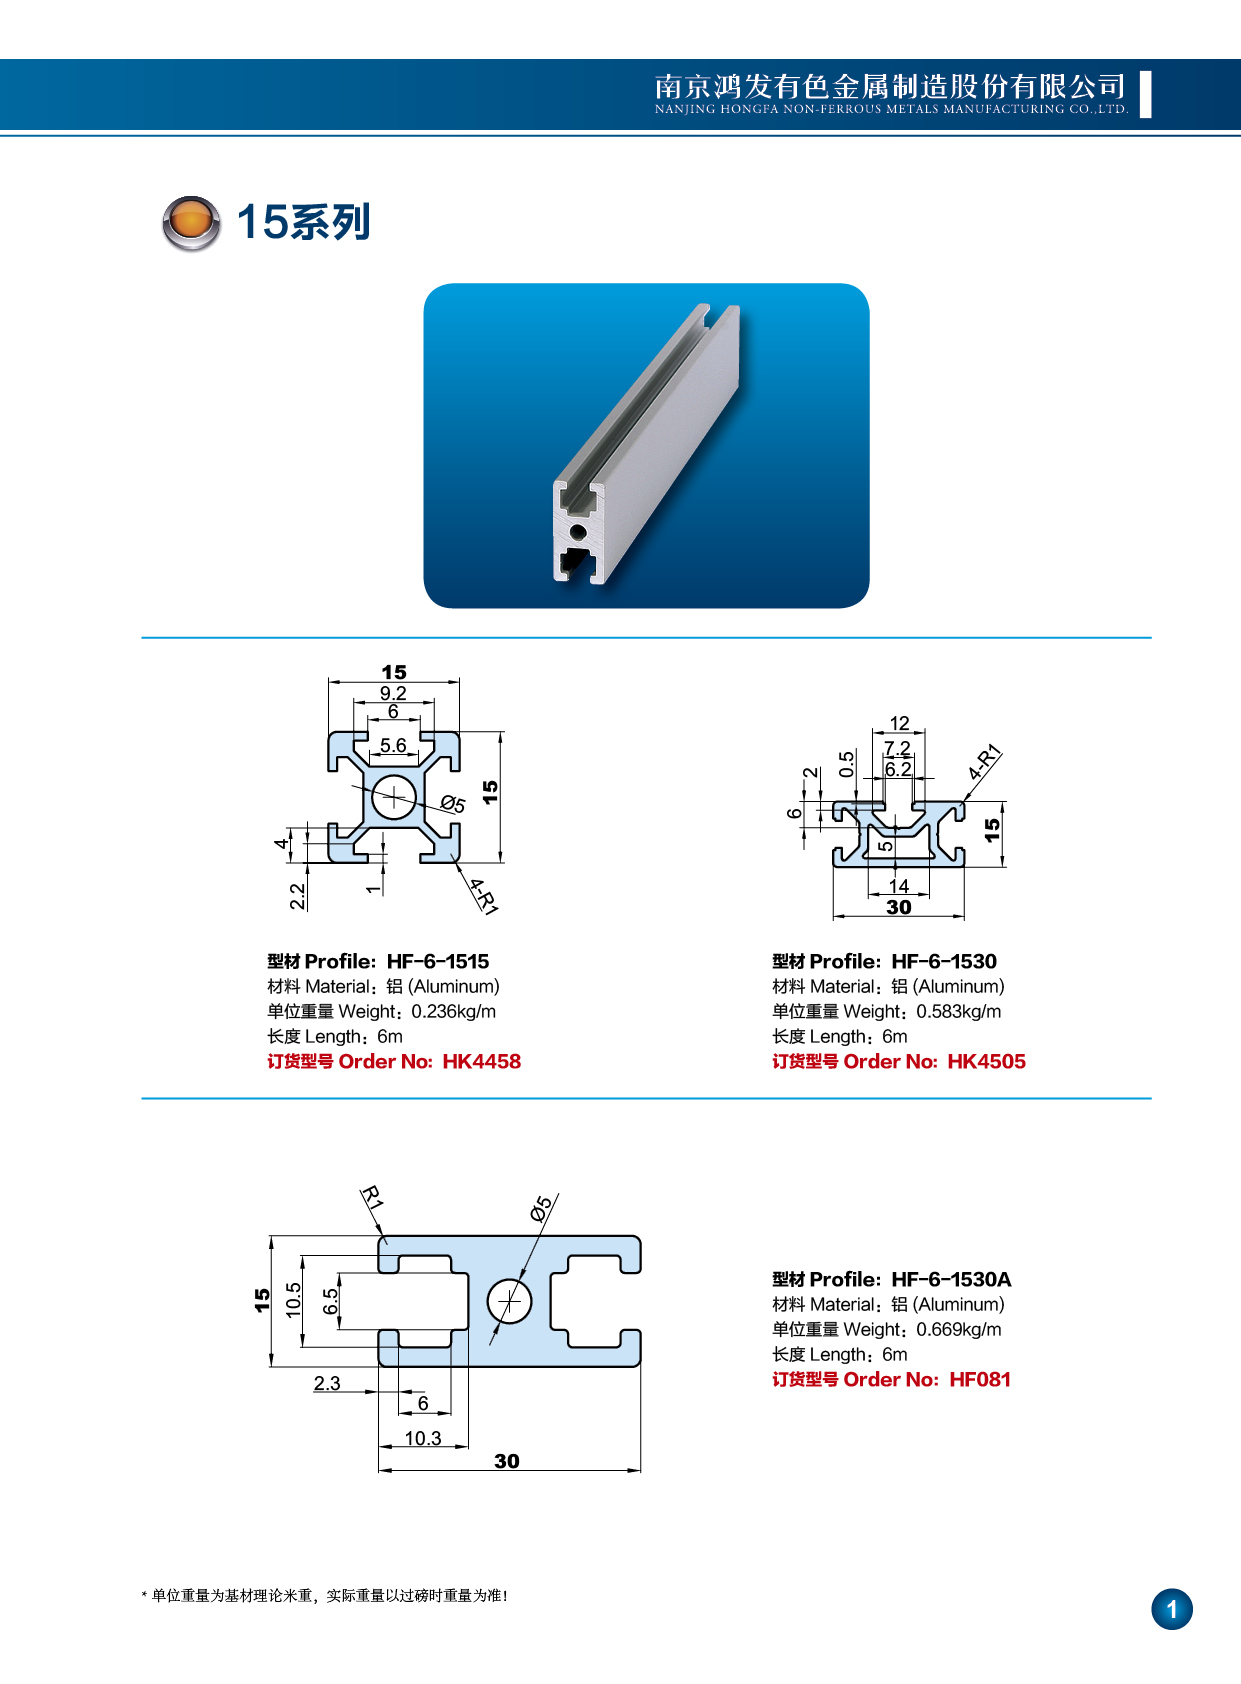 15系列工业铝型材